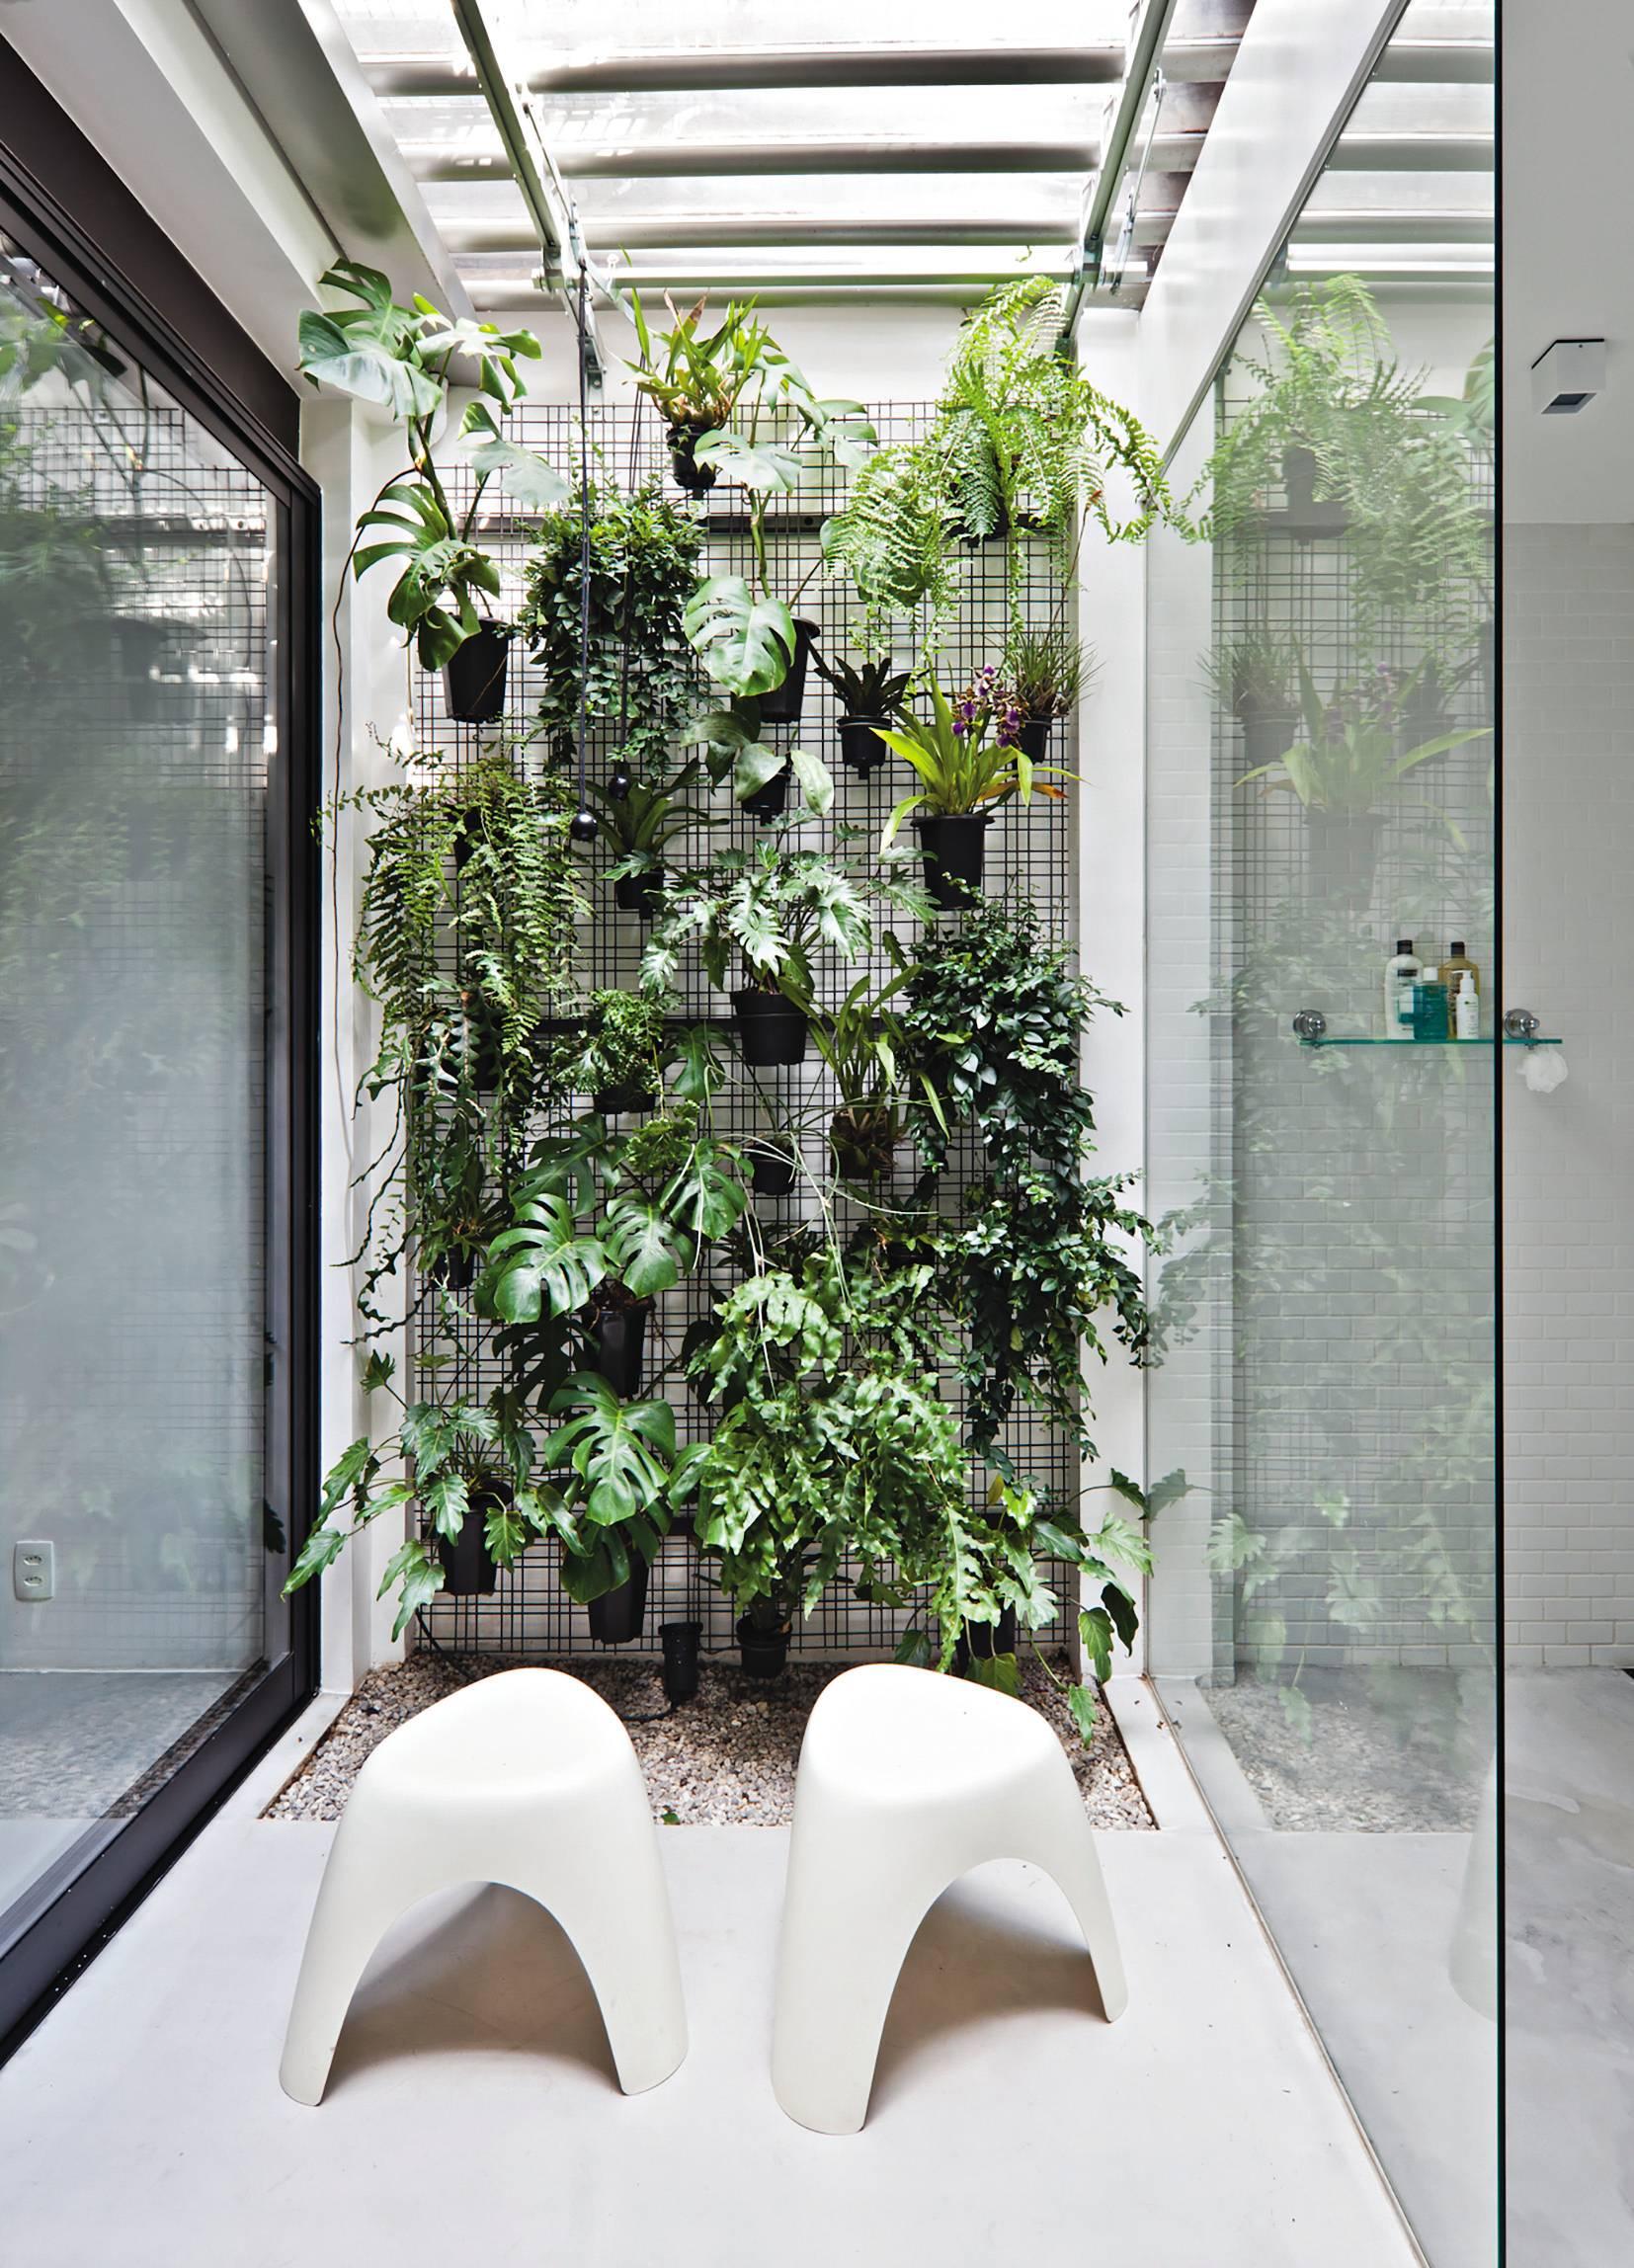 Banheiro integrado com quarto e jardim de inverno na Casa CA, do Superlimão Studio. Os banheiros não são mais apenas funcionais, mas verdadeiros espaços de bem-estar. Foto: Maíra Acayaba